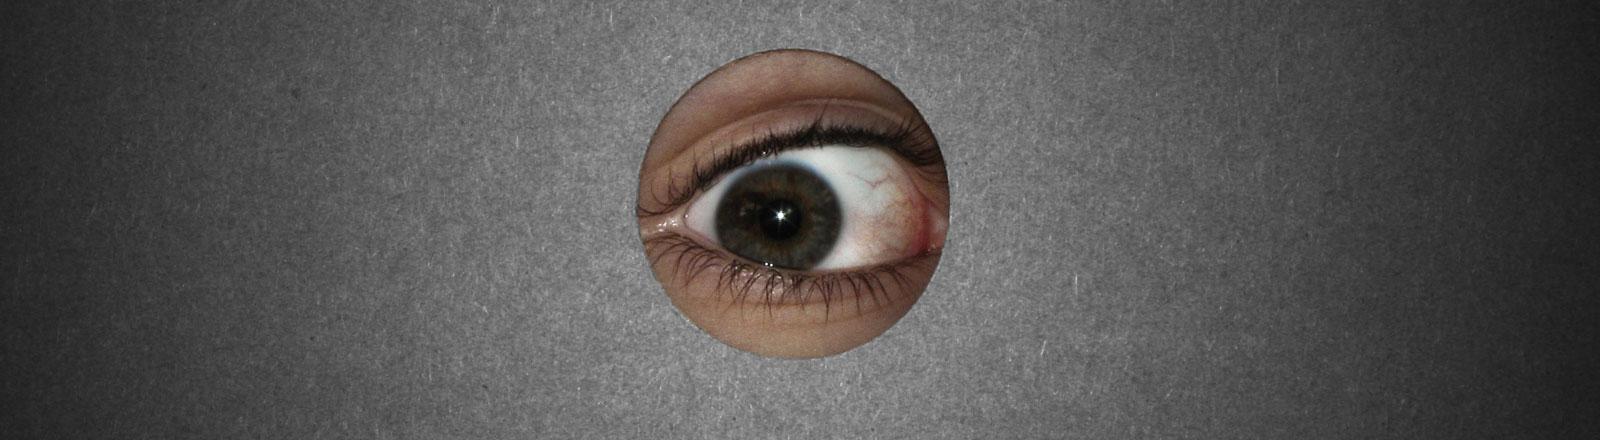 Ein Auge schaut durch ein kreisrundes Loch.